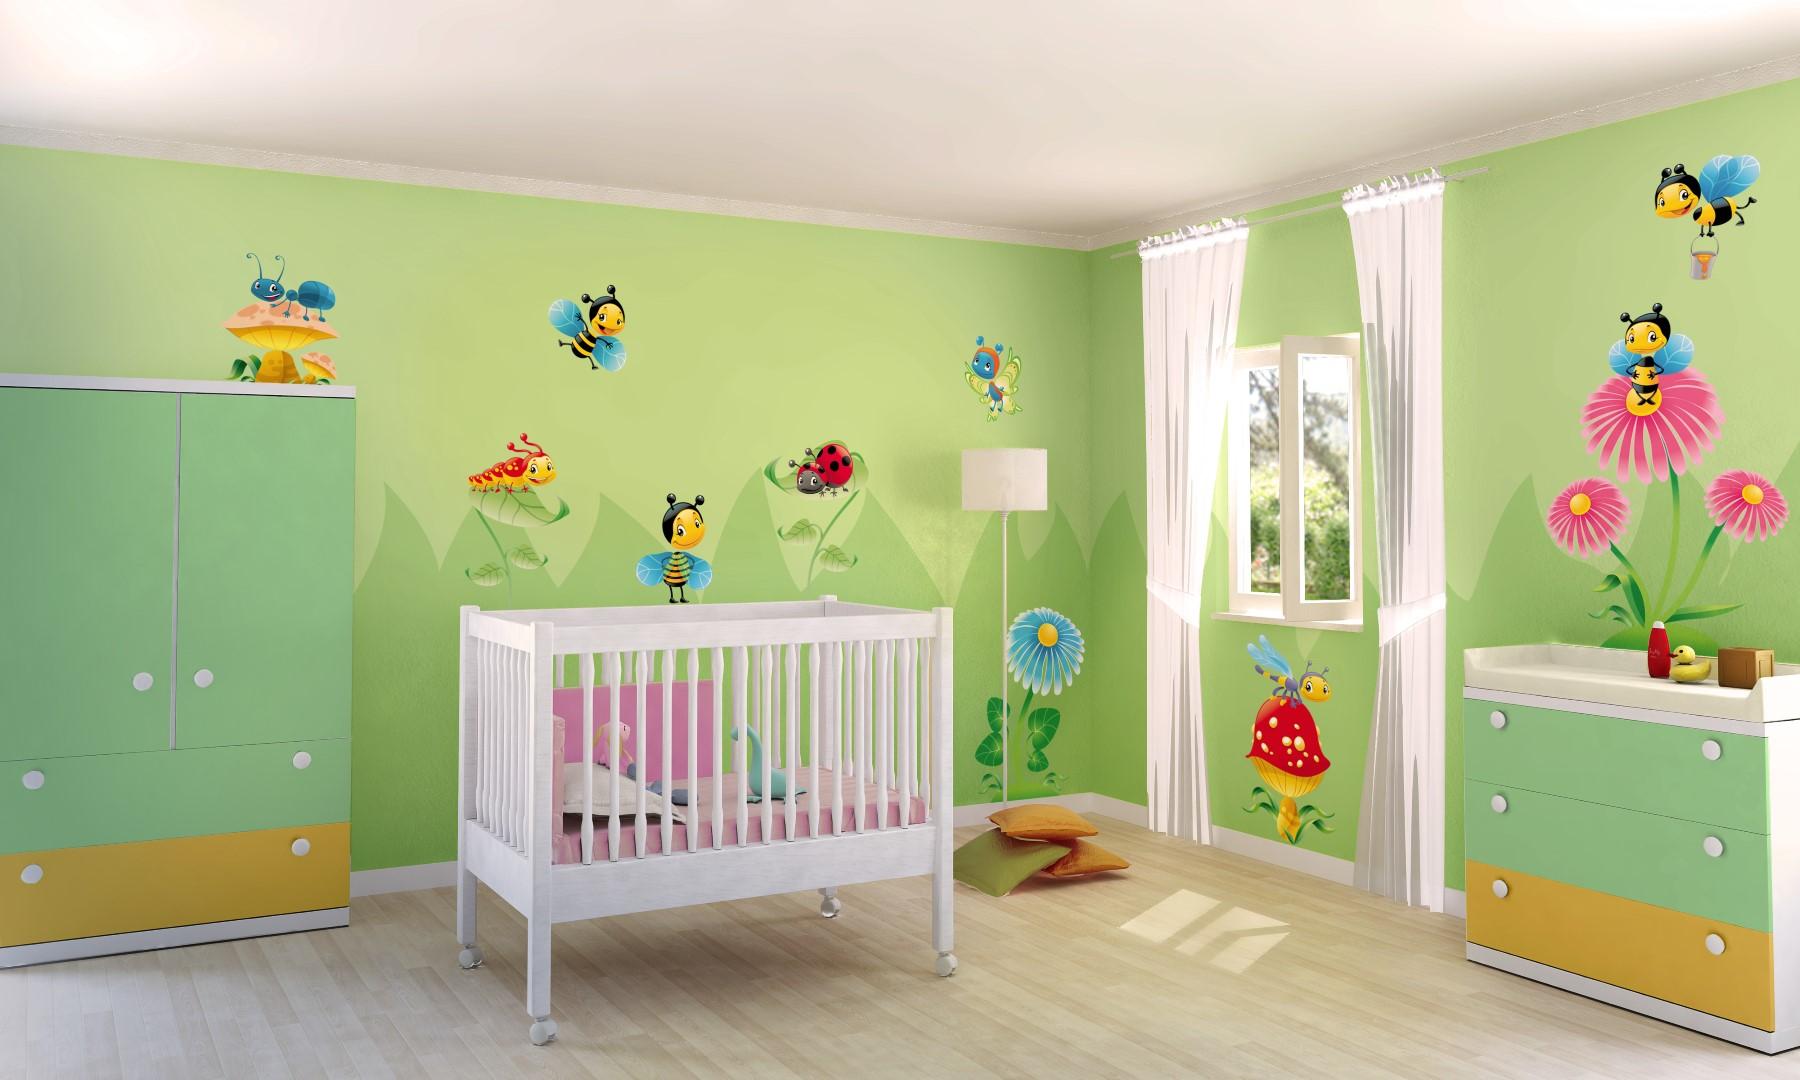 Quale colore per le pareti della cameretta dei bambini i for Idee pareti cameretta neonato